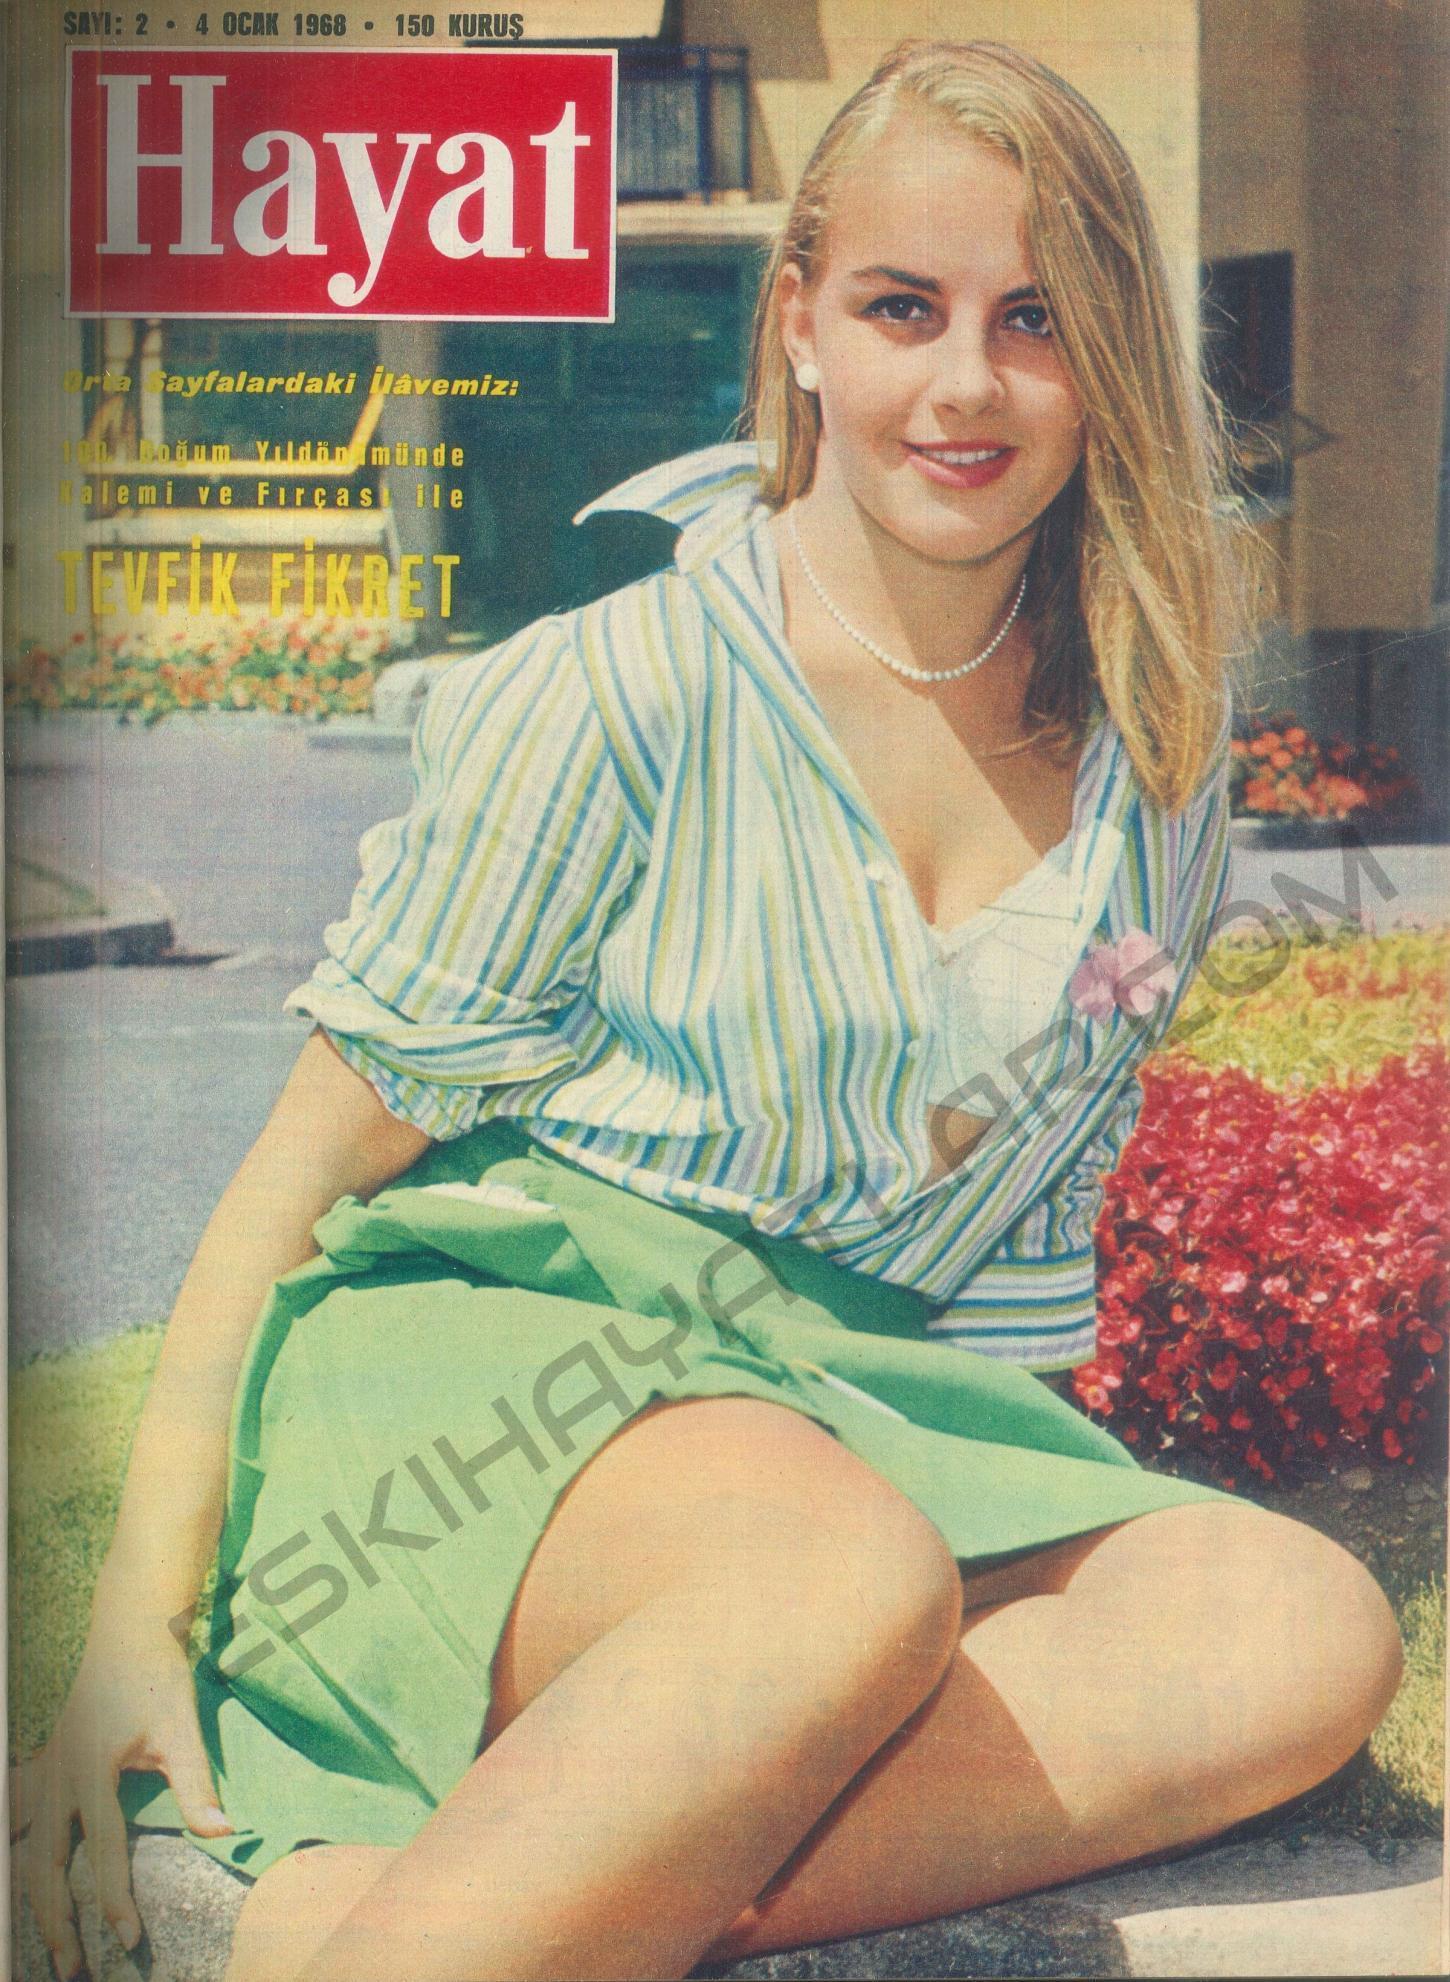 yuzuncu-dogum-yilinda-tevfik-fikret-1968-yili-hayat-dergisi-arsivleri (1)